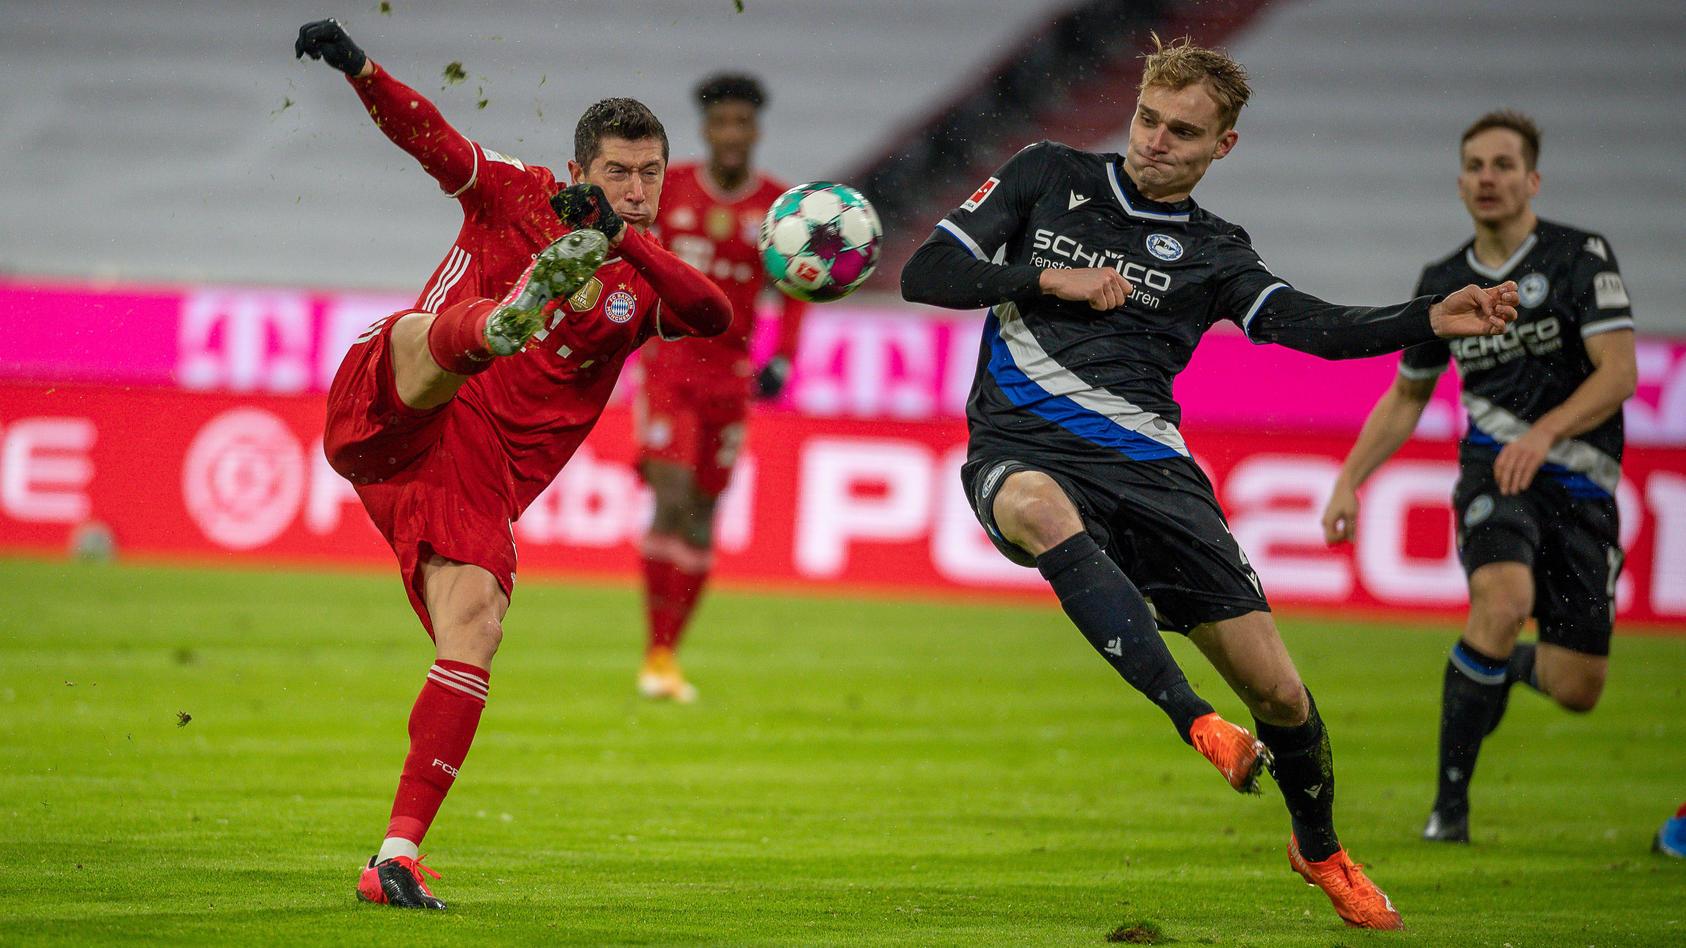 Lewandowski trong pha vặn người bắt vô-lê rút ngắn tỷ số còn 1-2 cho Bayern. Đây là bàn thứ 25 của anh tại Bundesliga mùa nay - một kỷ lục của giải đấu tính trong 21 vòng đầu. Ảnh: Eibner